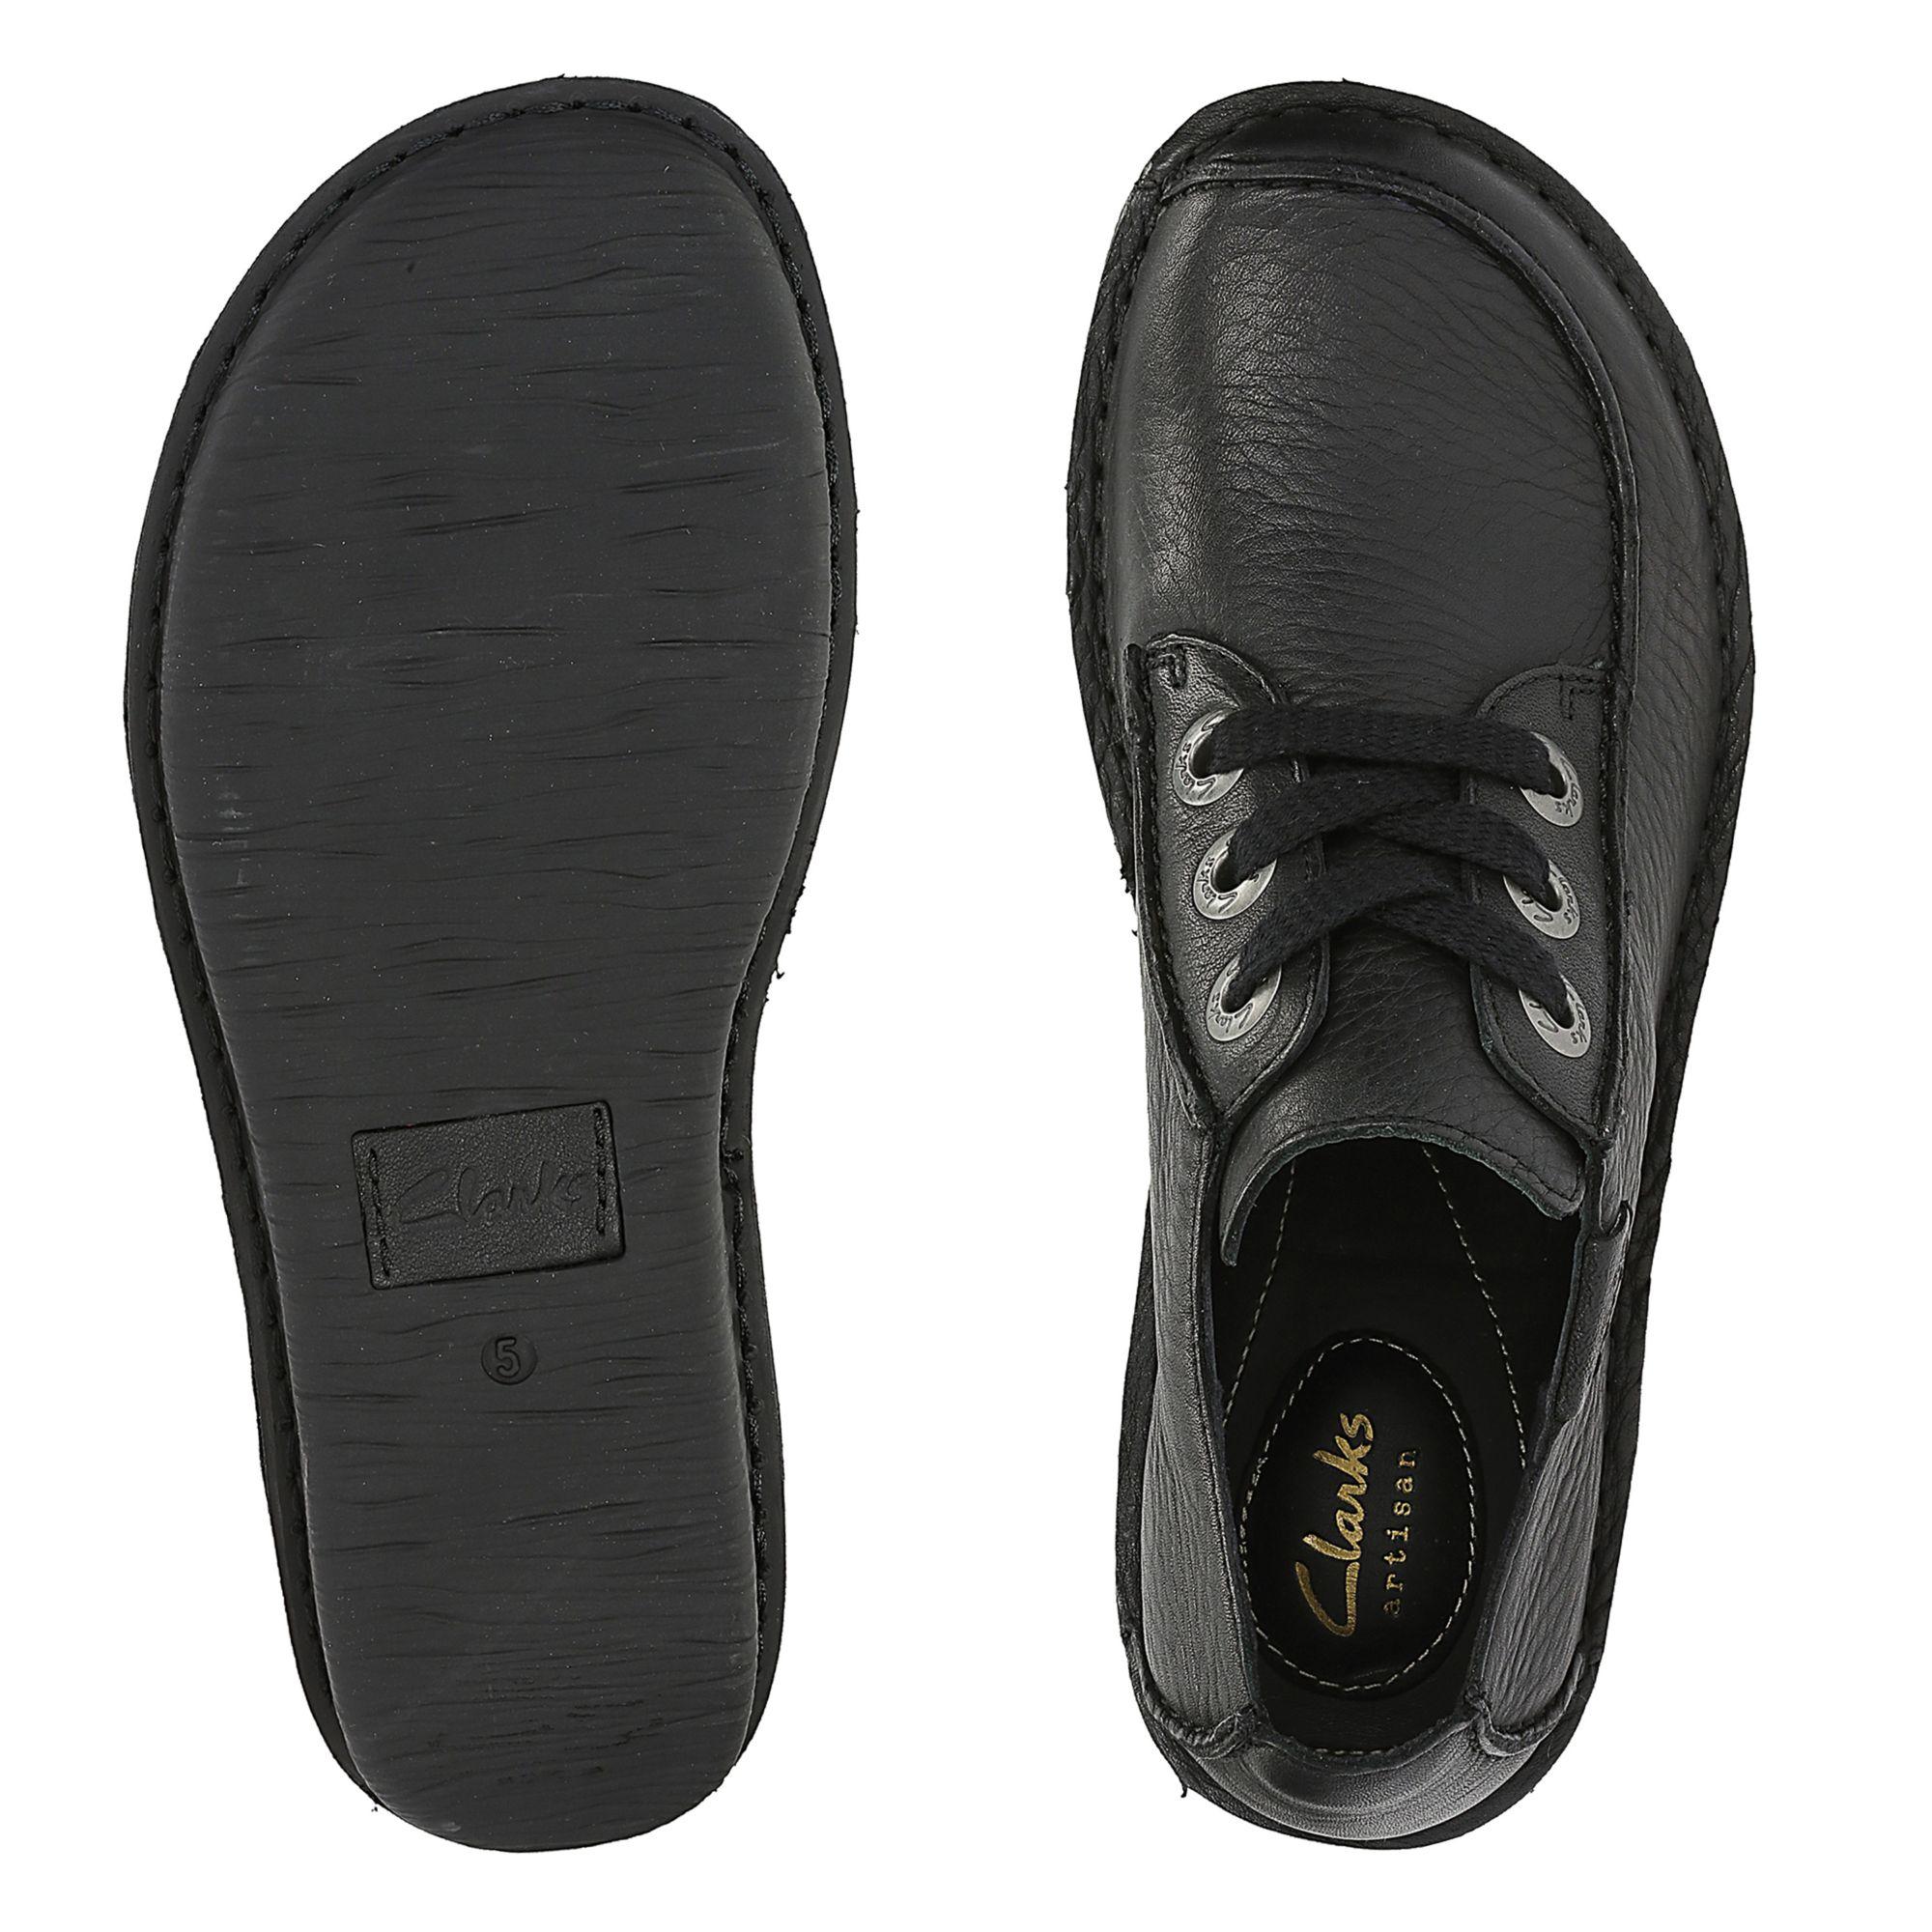 Дамски обувки Clarks Funny Dream черни - снимка 7